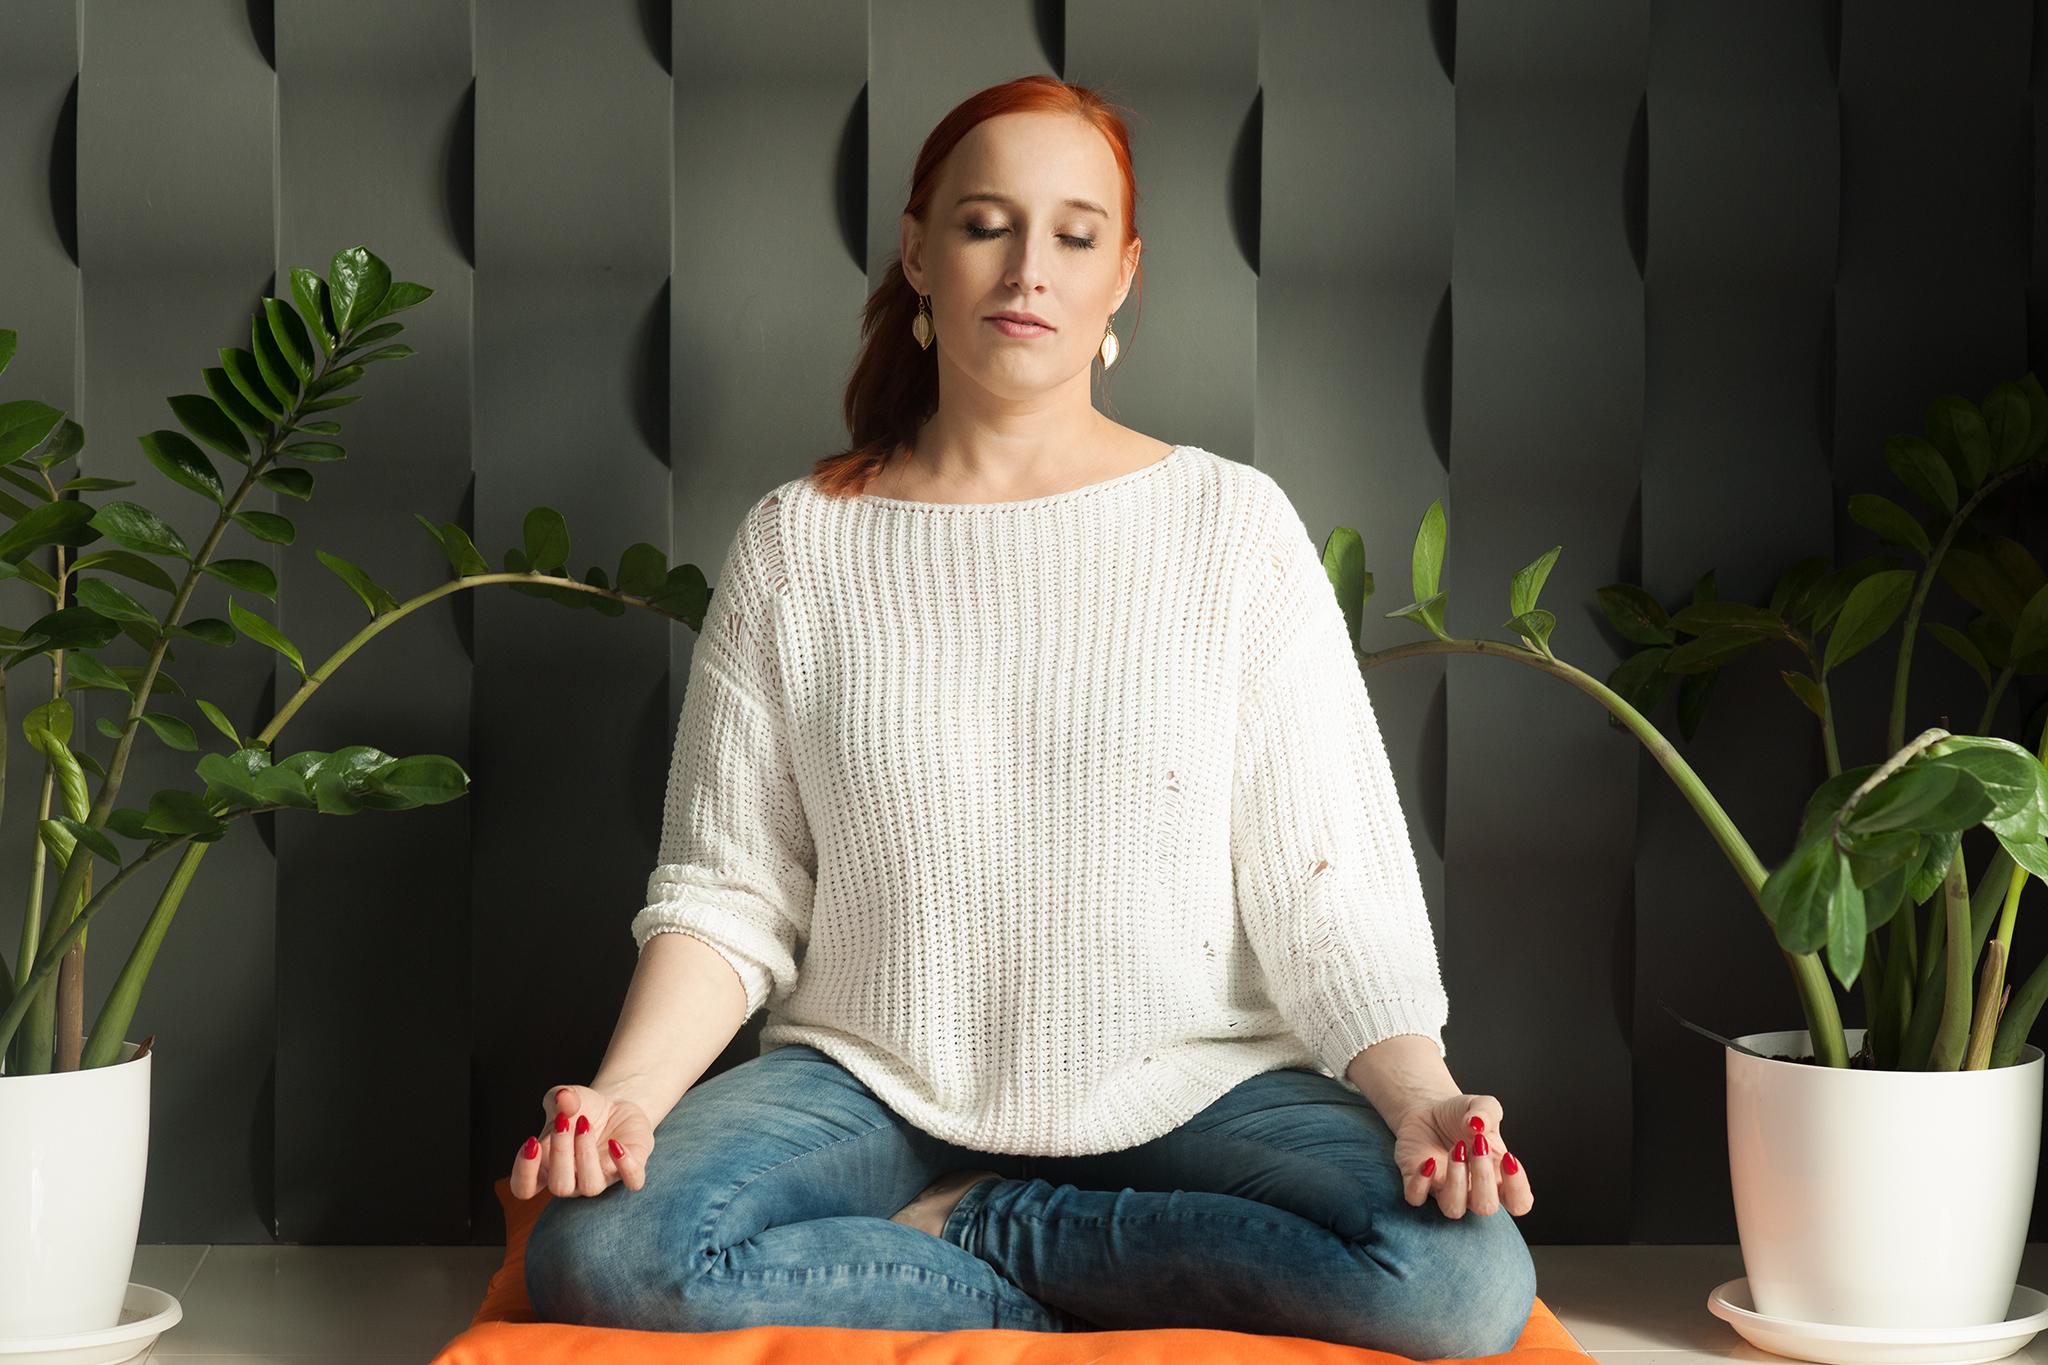 medytacja a weelbeing